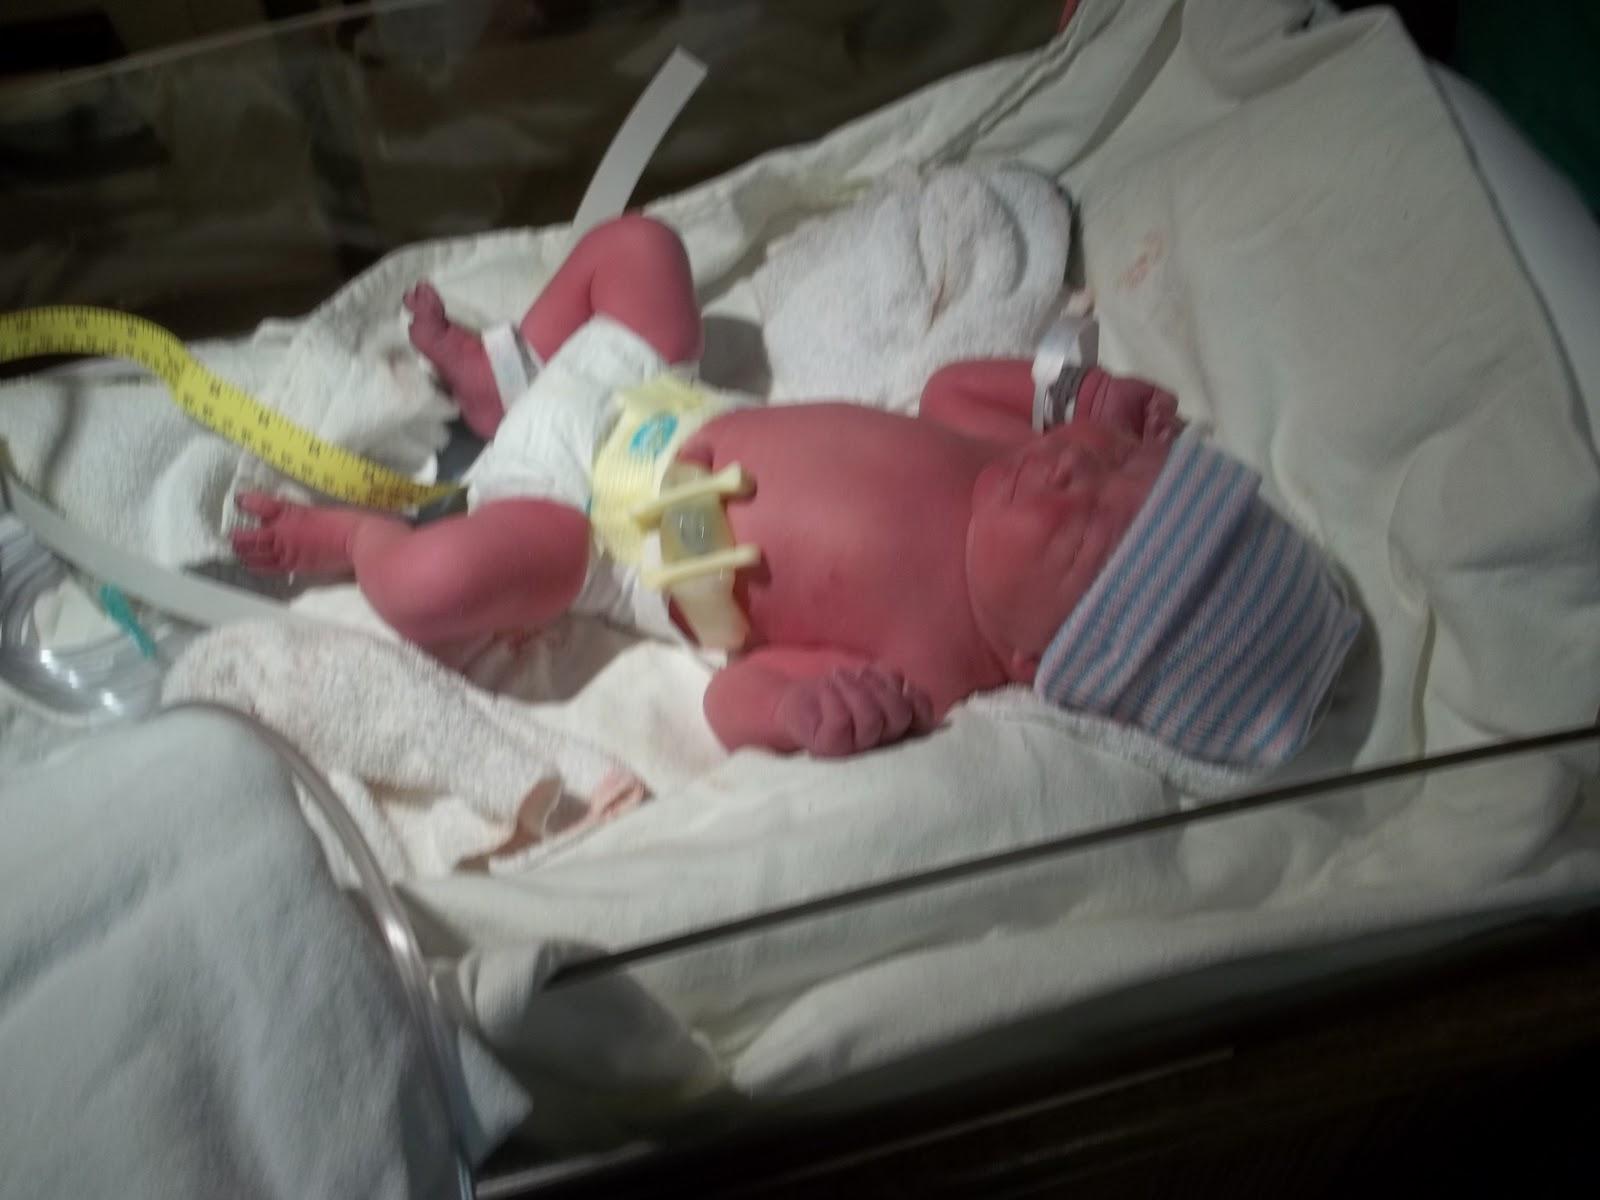 baby born at 35 weeks